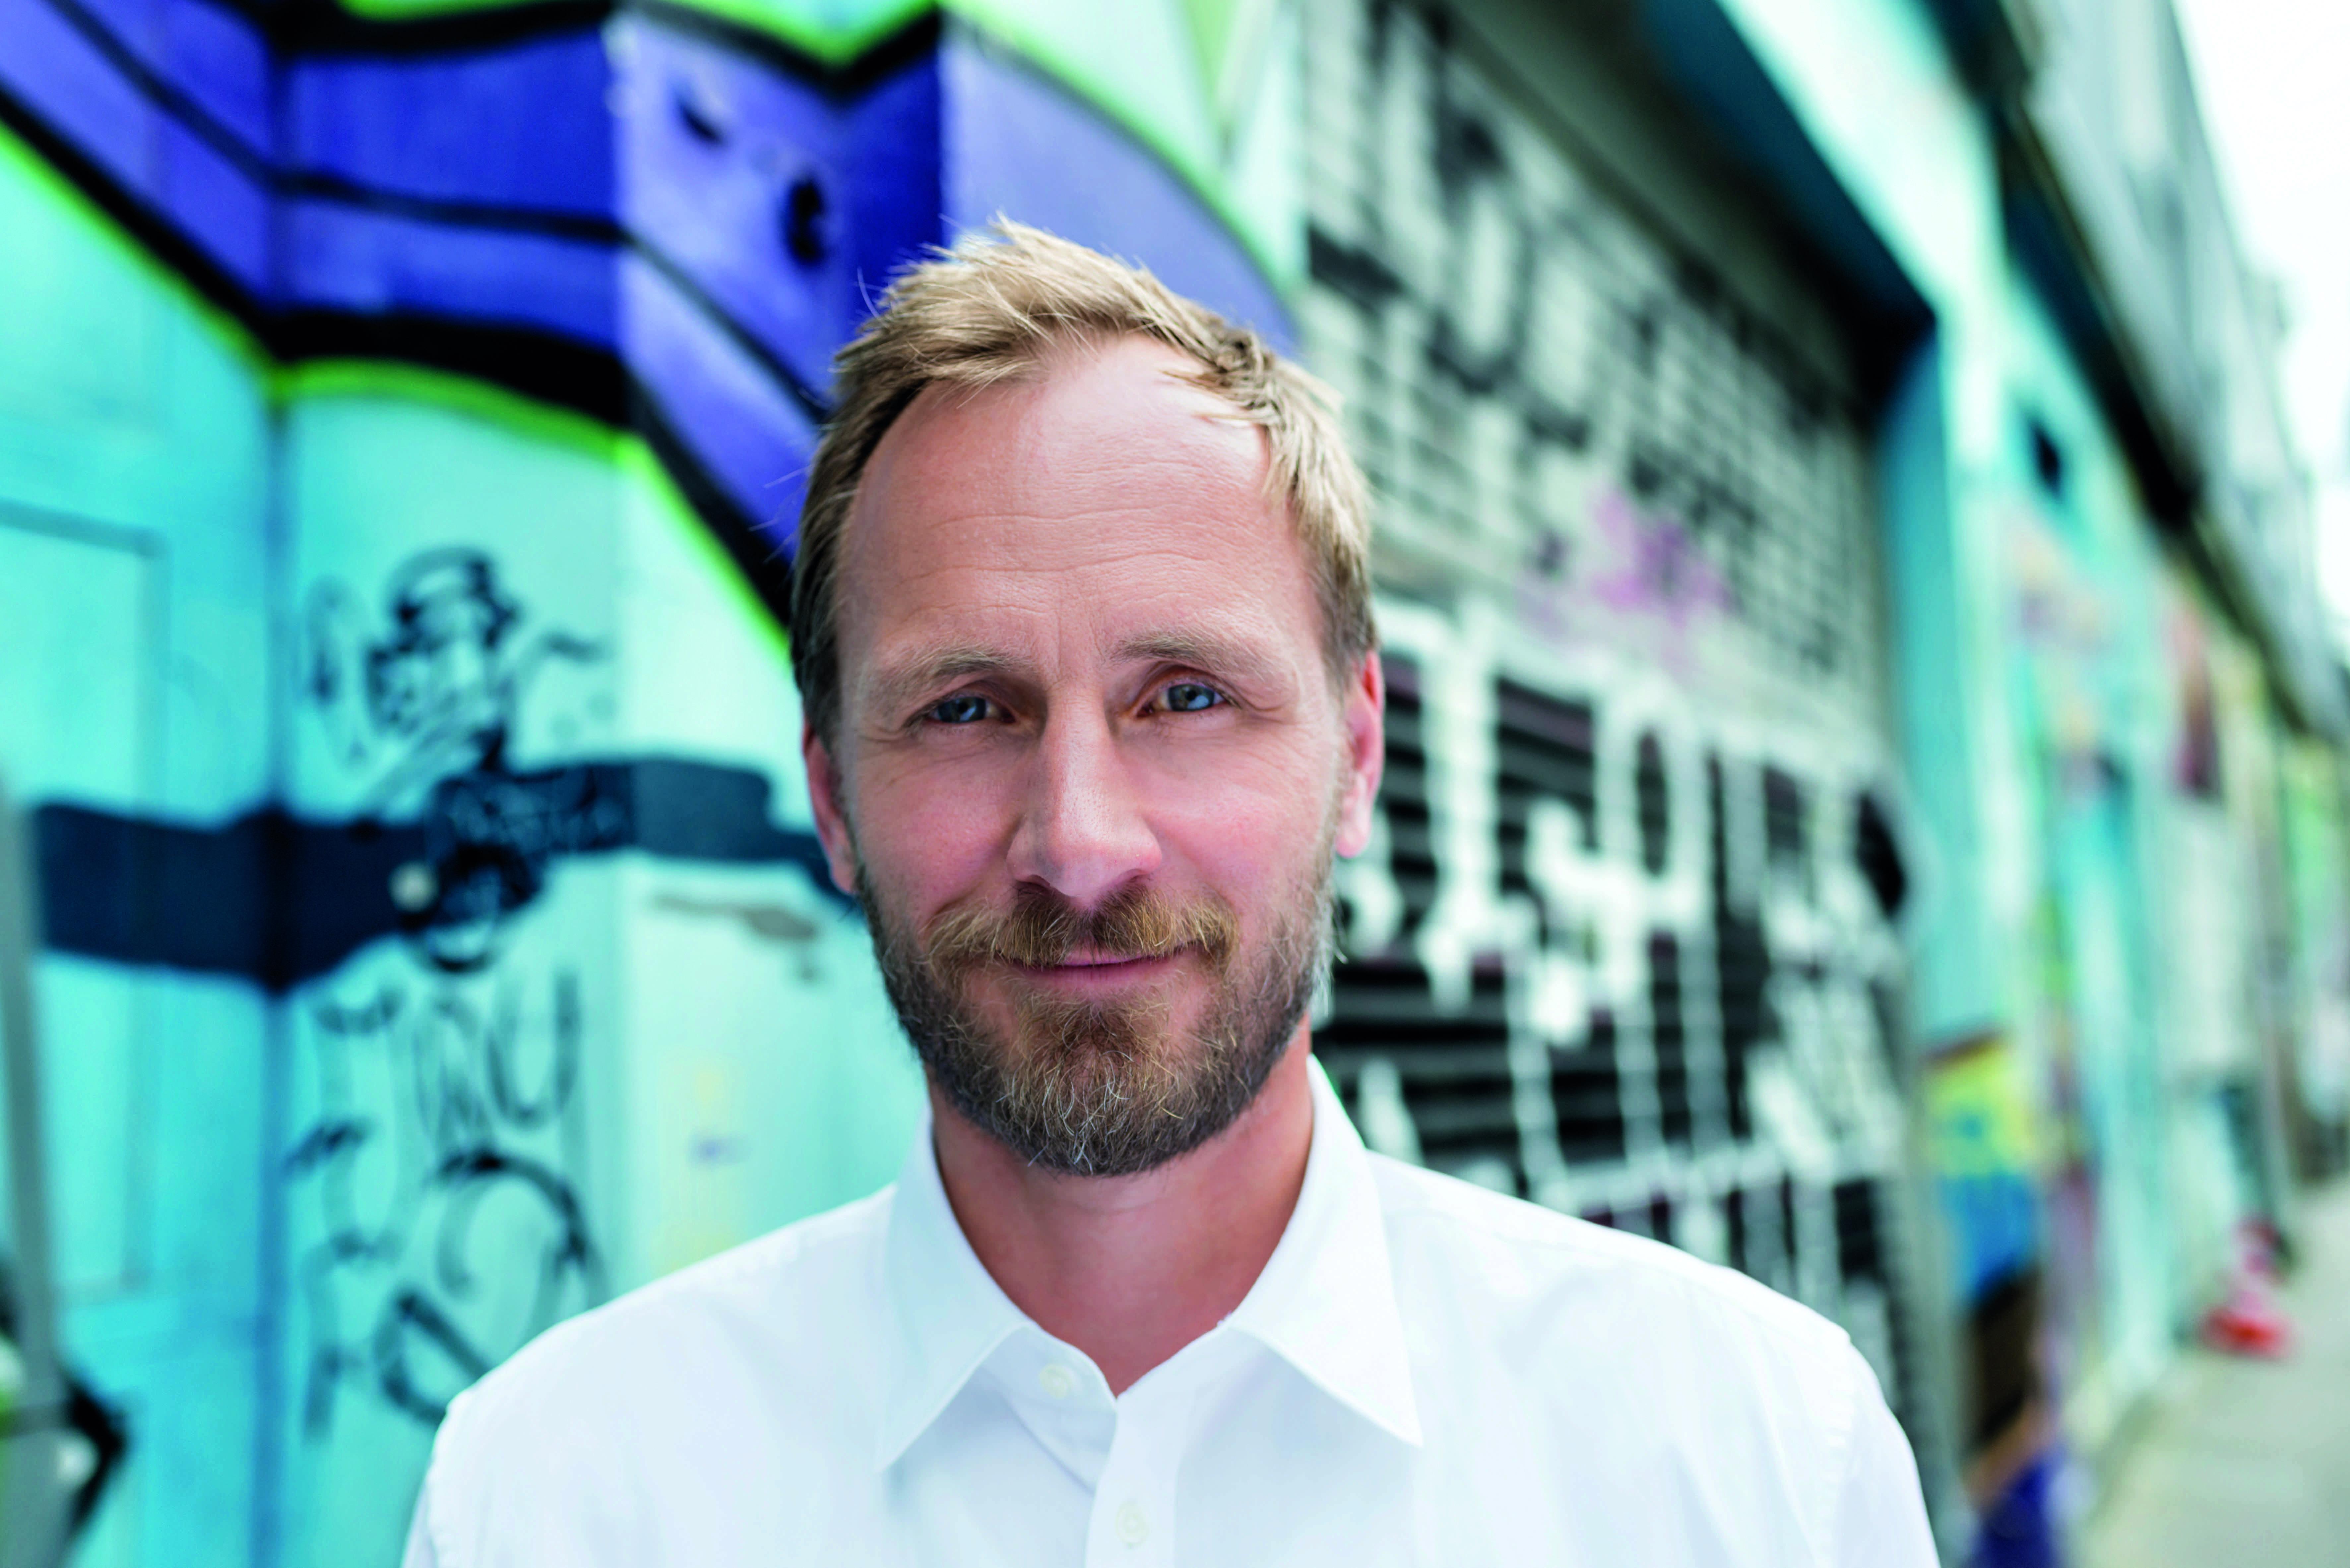 Lars Roisch will 2020 die Vernetzung von POS und E-Commerce weiter vorantreiben.